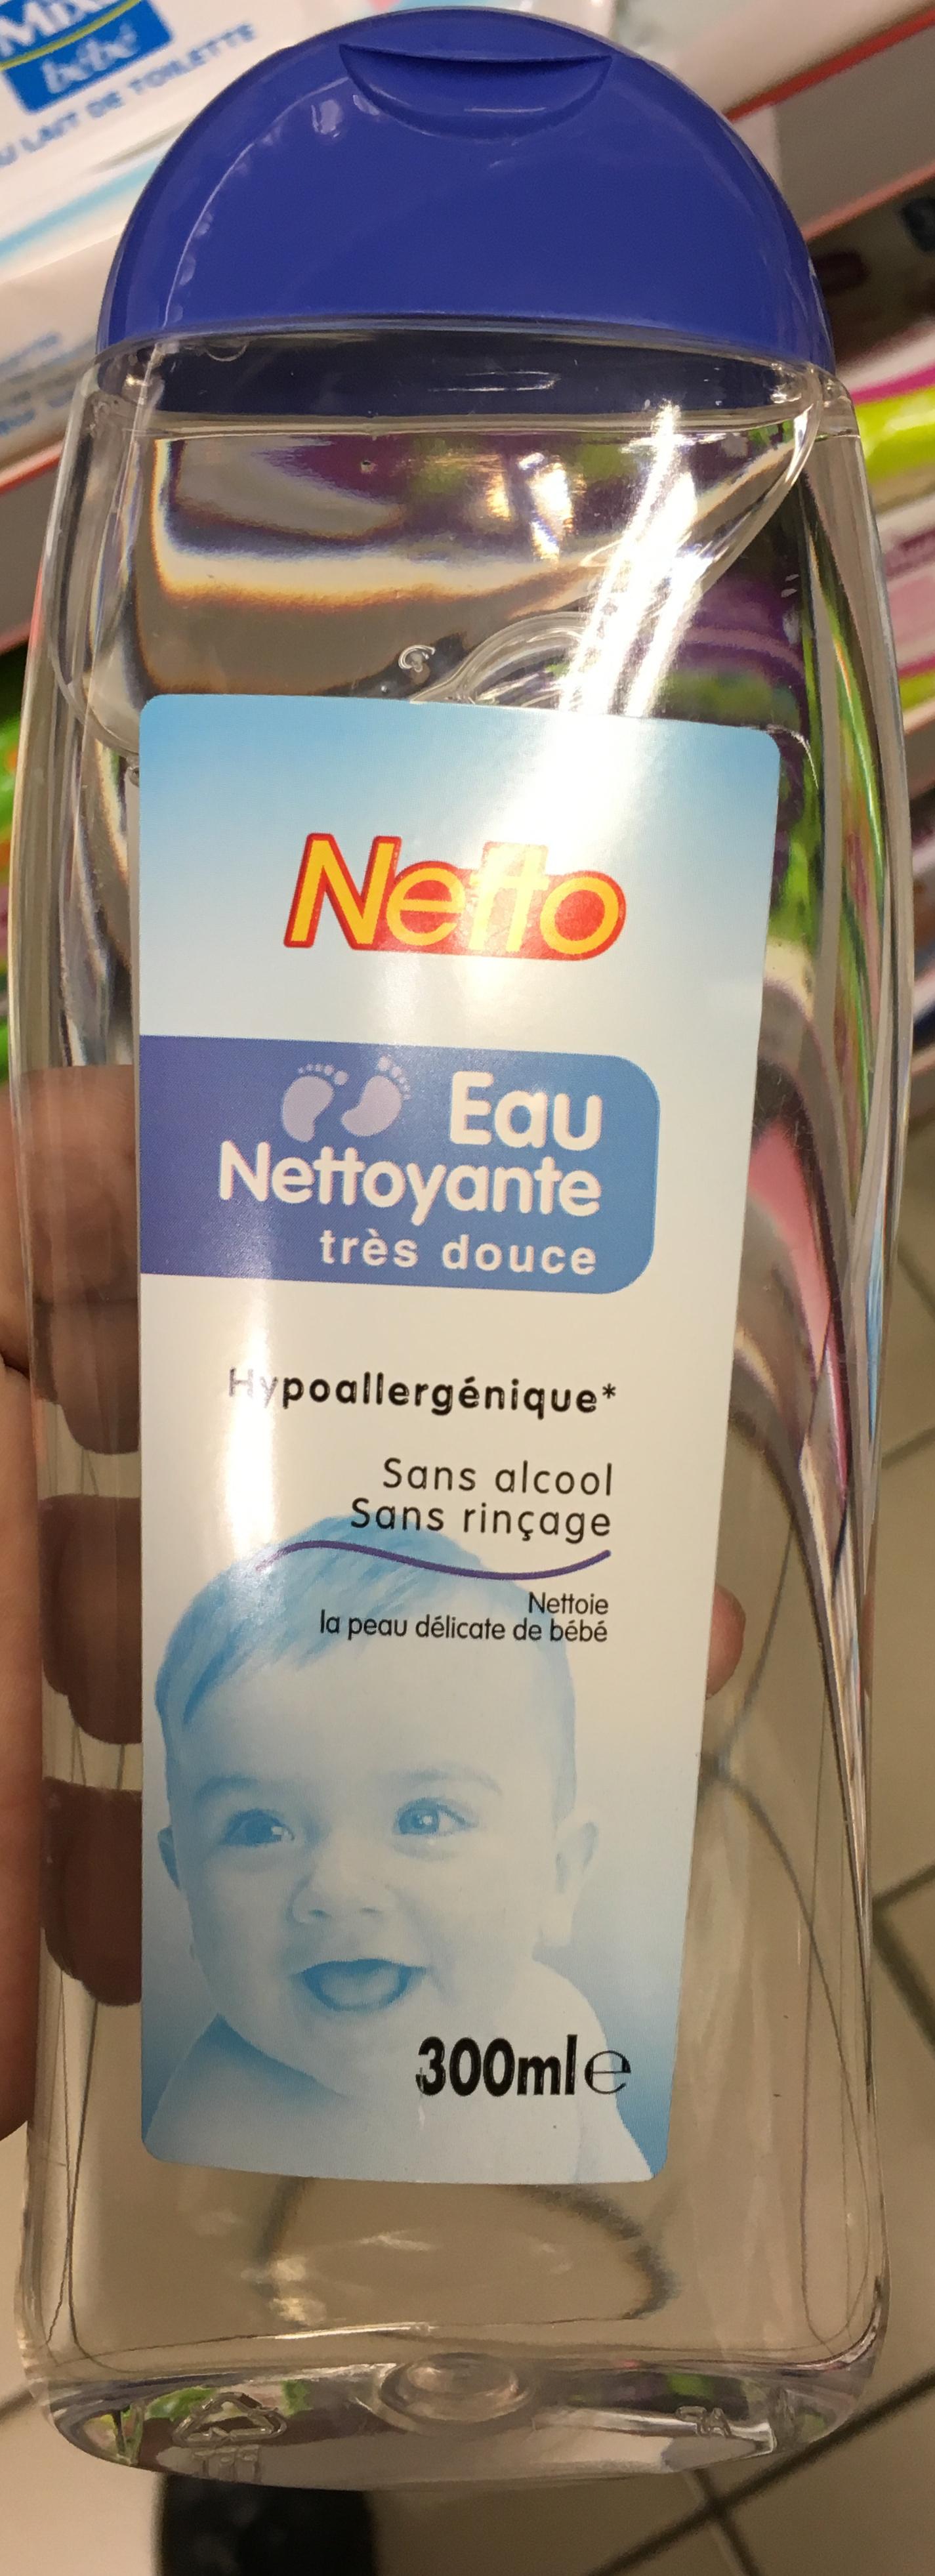 Eau nettoyante très douce - Produit - fr